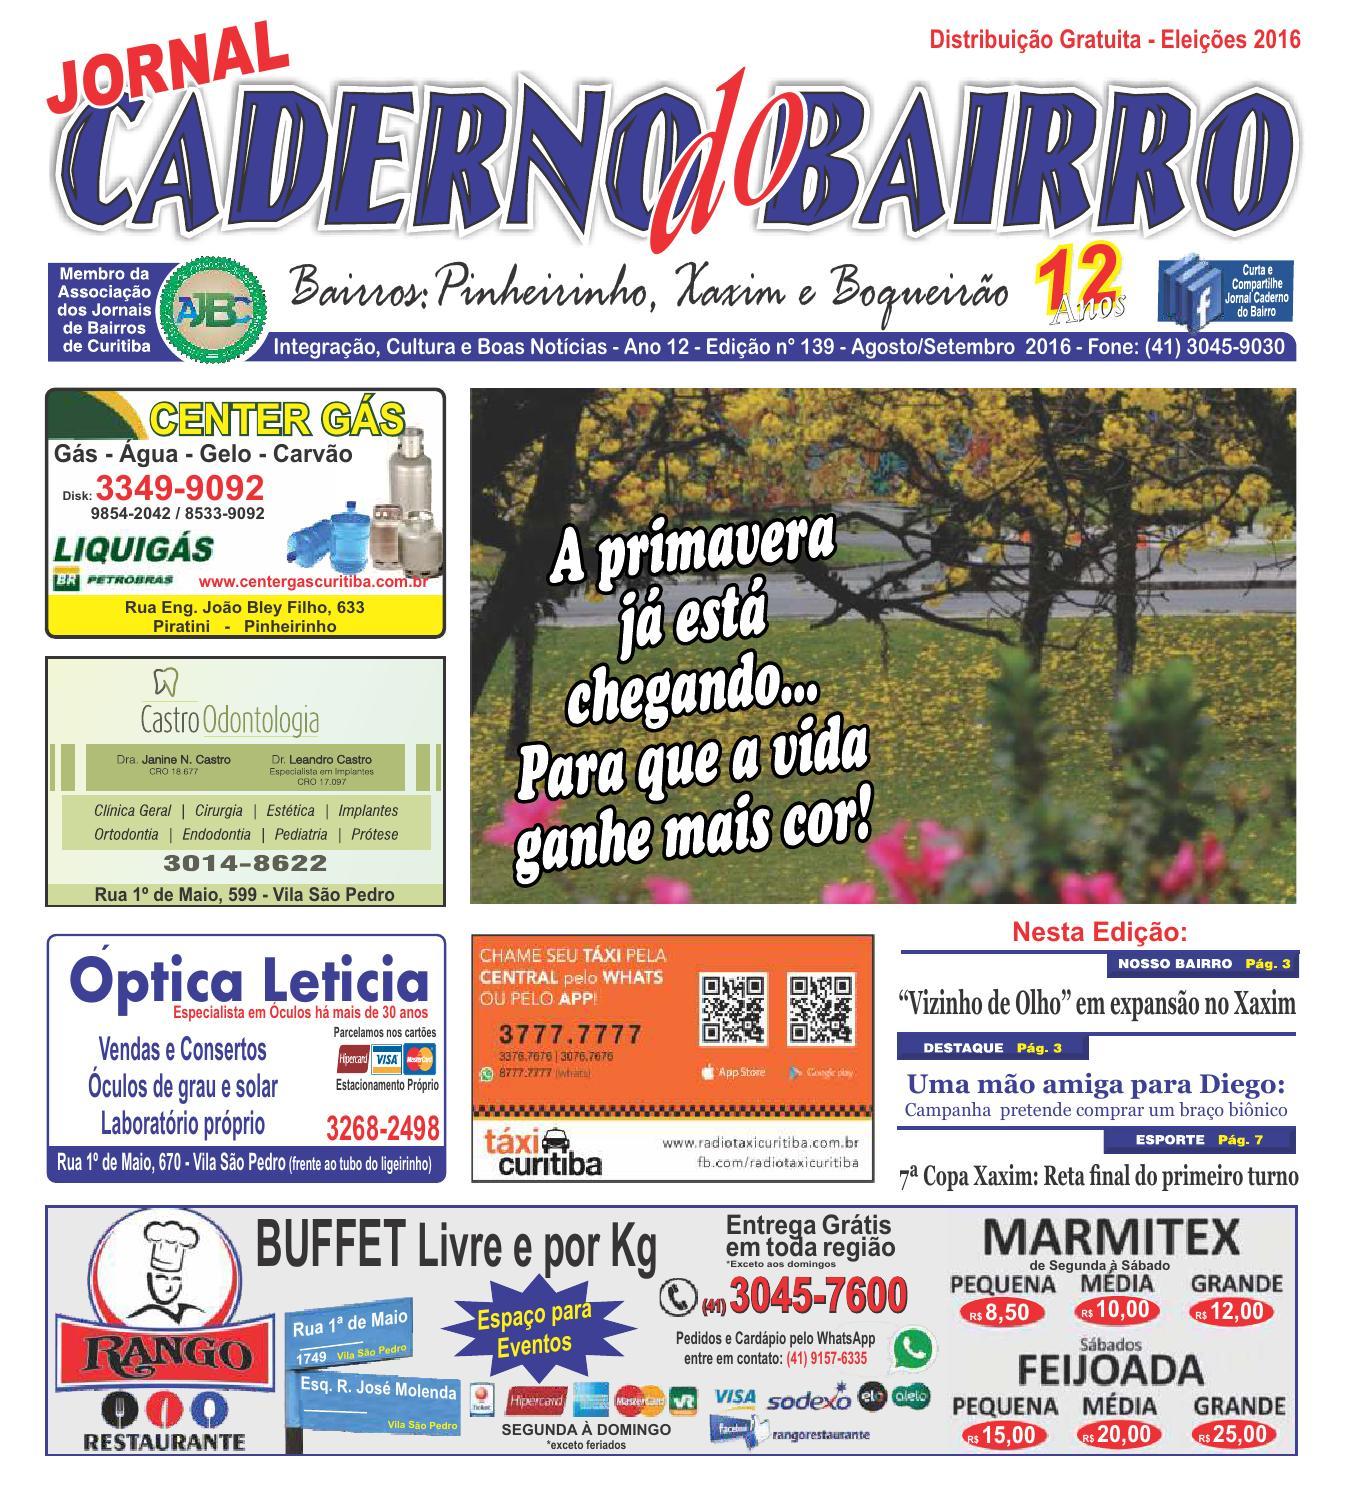 Jornal Caderno do Bairro Xaxim, Pinheirinho e Boqueirão - AgostoSetembro  2016 by Jornal Caderno do Bairro - issuu 8e861fad3b